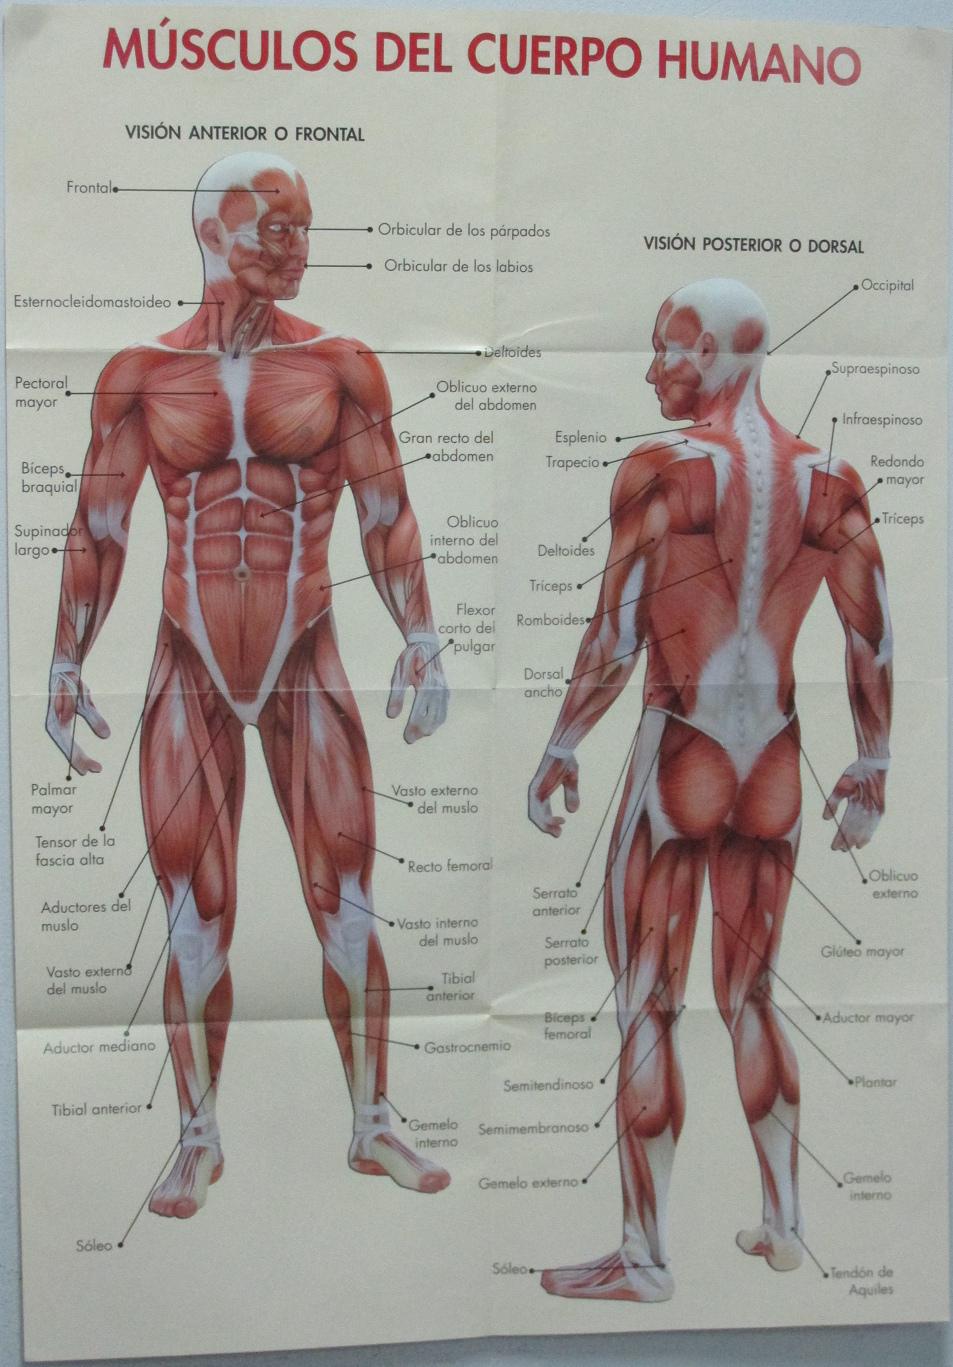 Masaje parte 7: el sistema muscular humano: los músculos del hombre